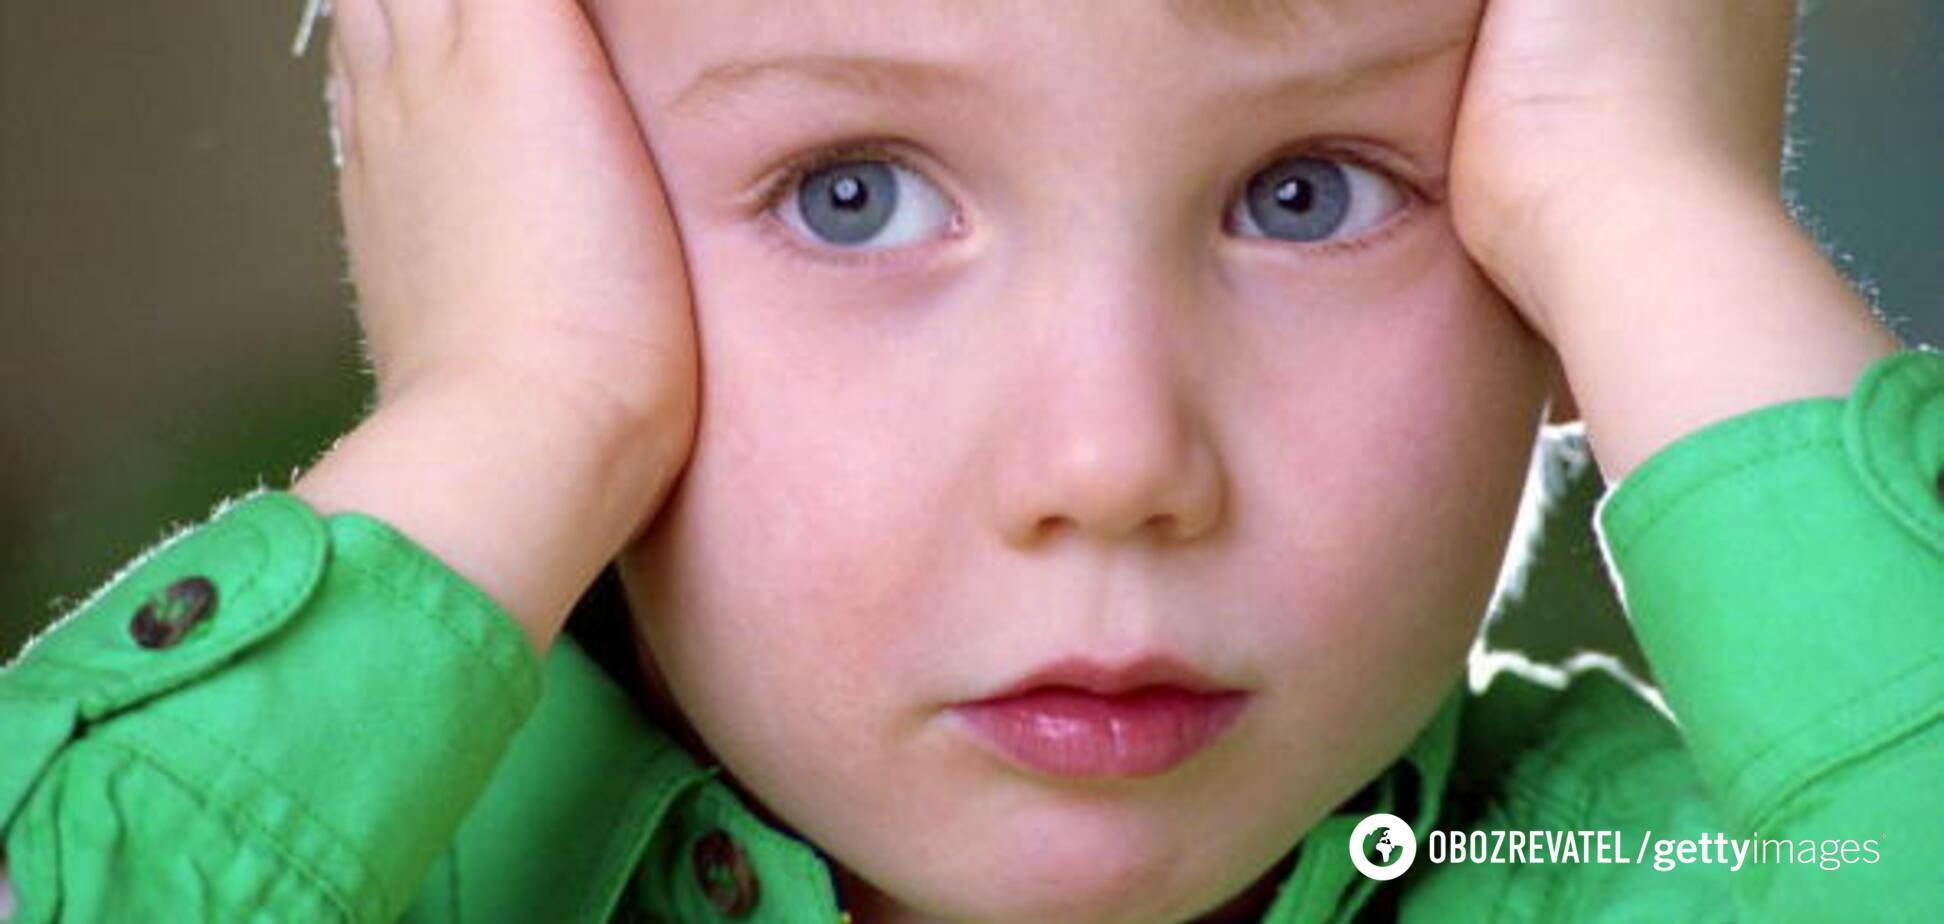 5000 семей в год: озвучена страшная статистика по насилию над детьми в Украине